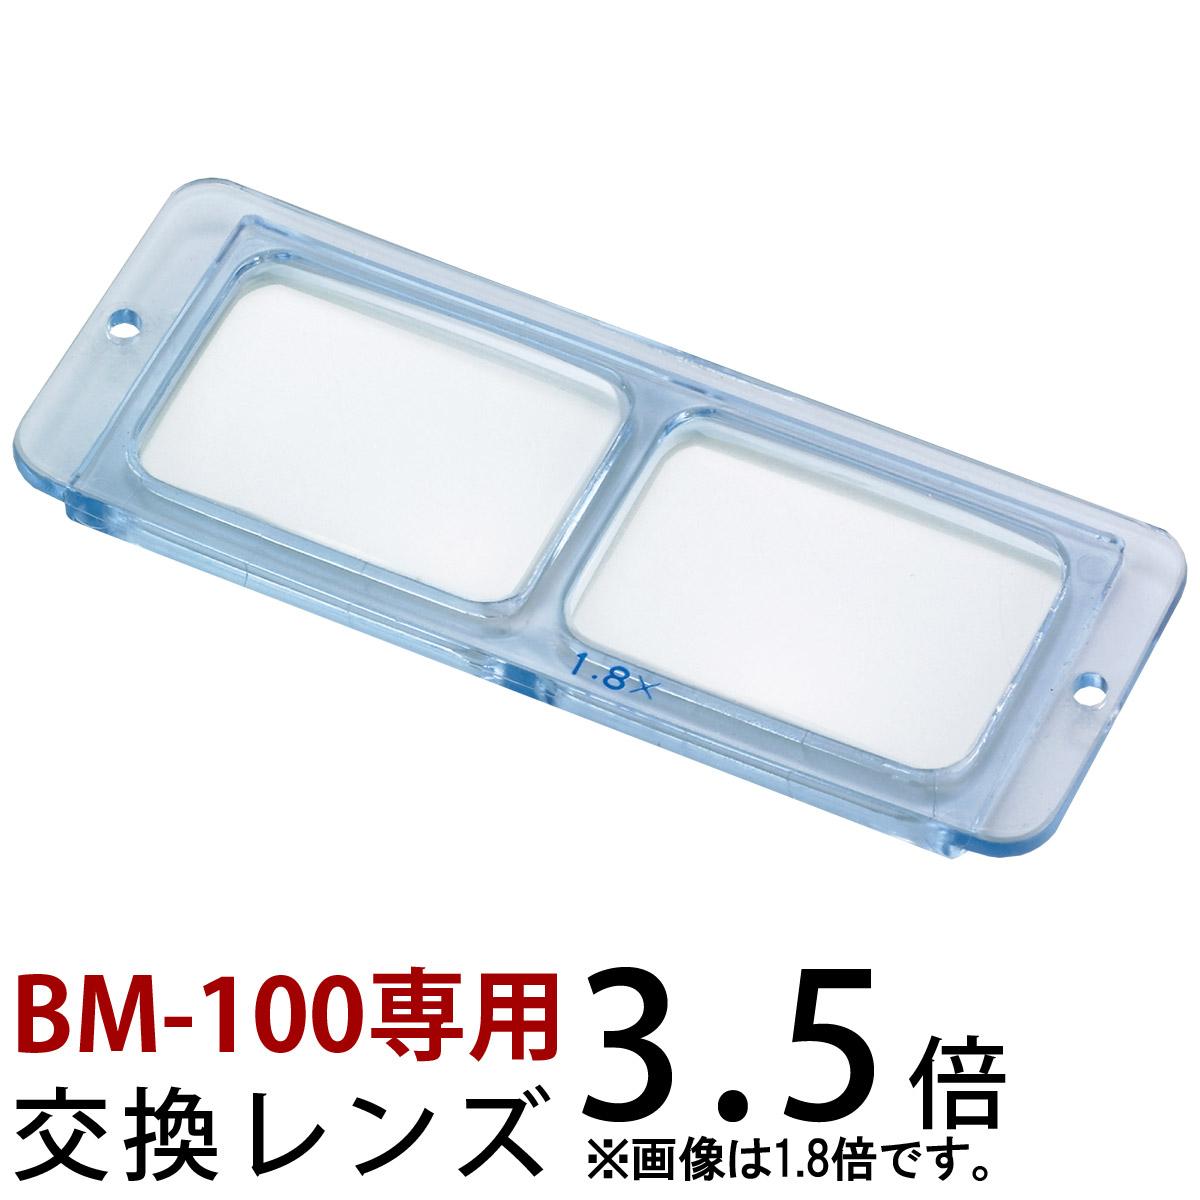 ヘッドルーペ 双眼 交換レンズ BM-100D1 3.5倍 BM-100専用 池田レンズ